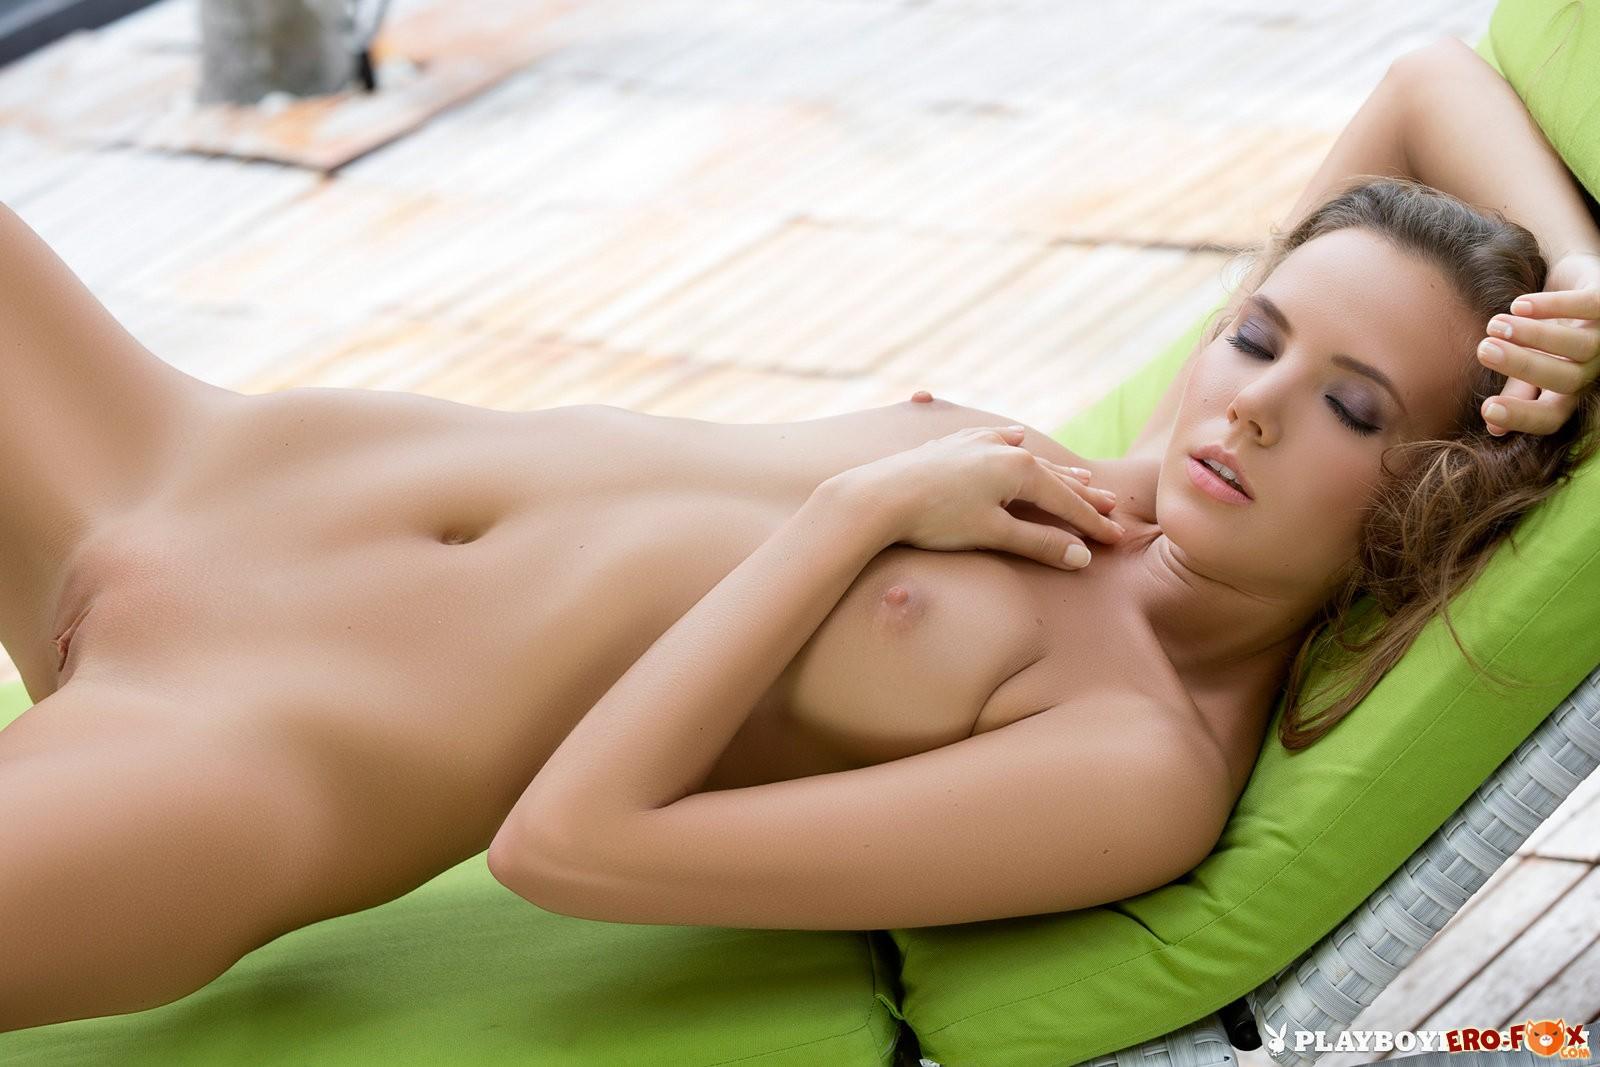 Молодая блондинка плейбой без трусиков